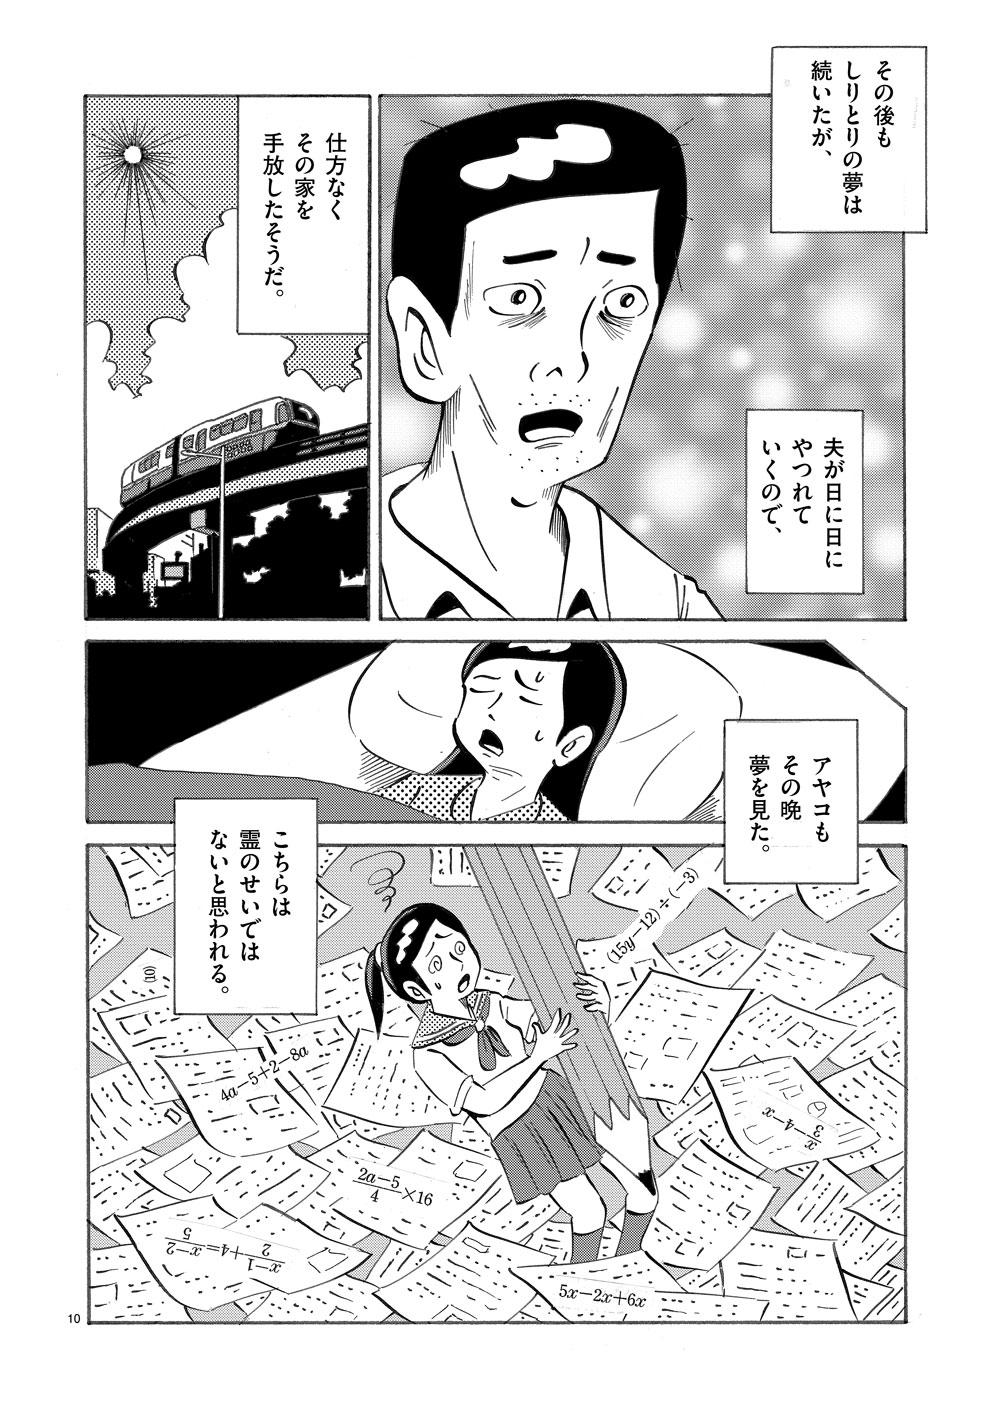 琉球怪談 【第10話】WEB掲載10ページ目画像